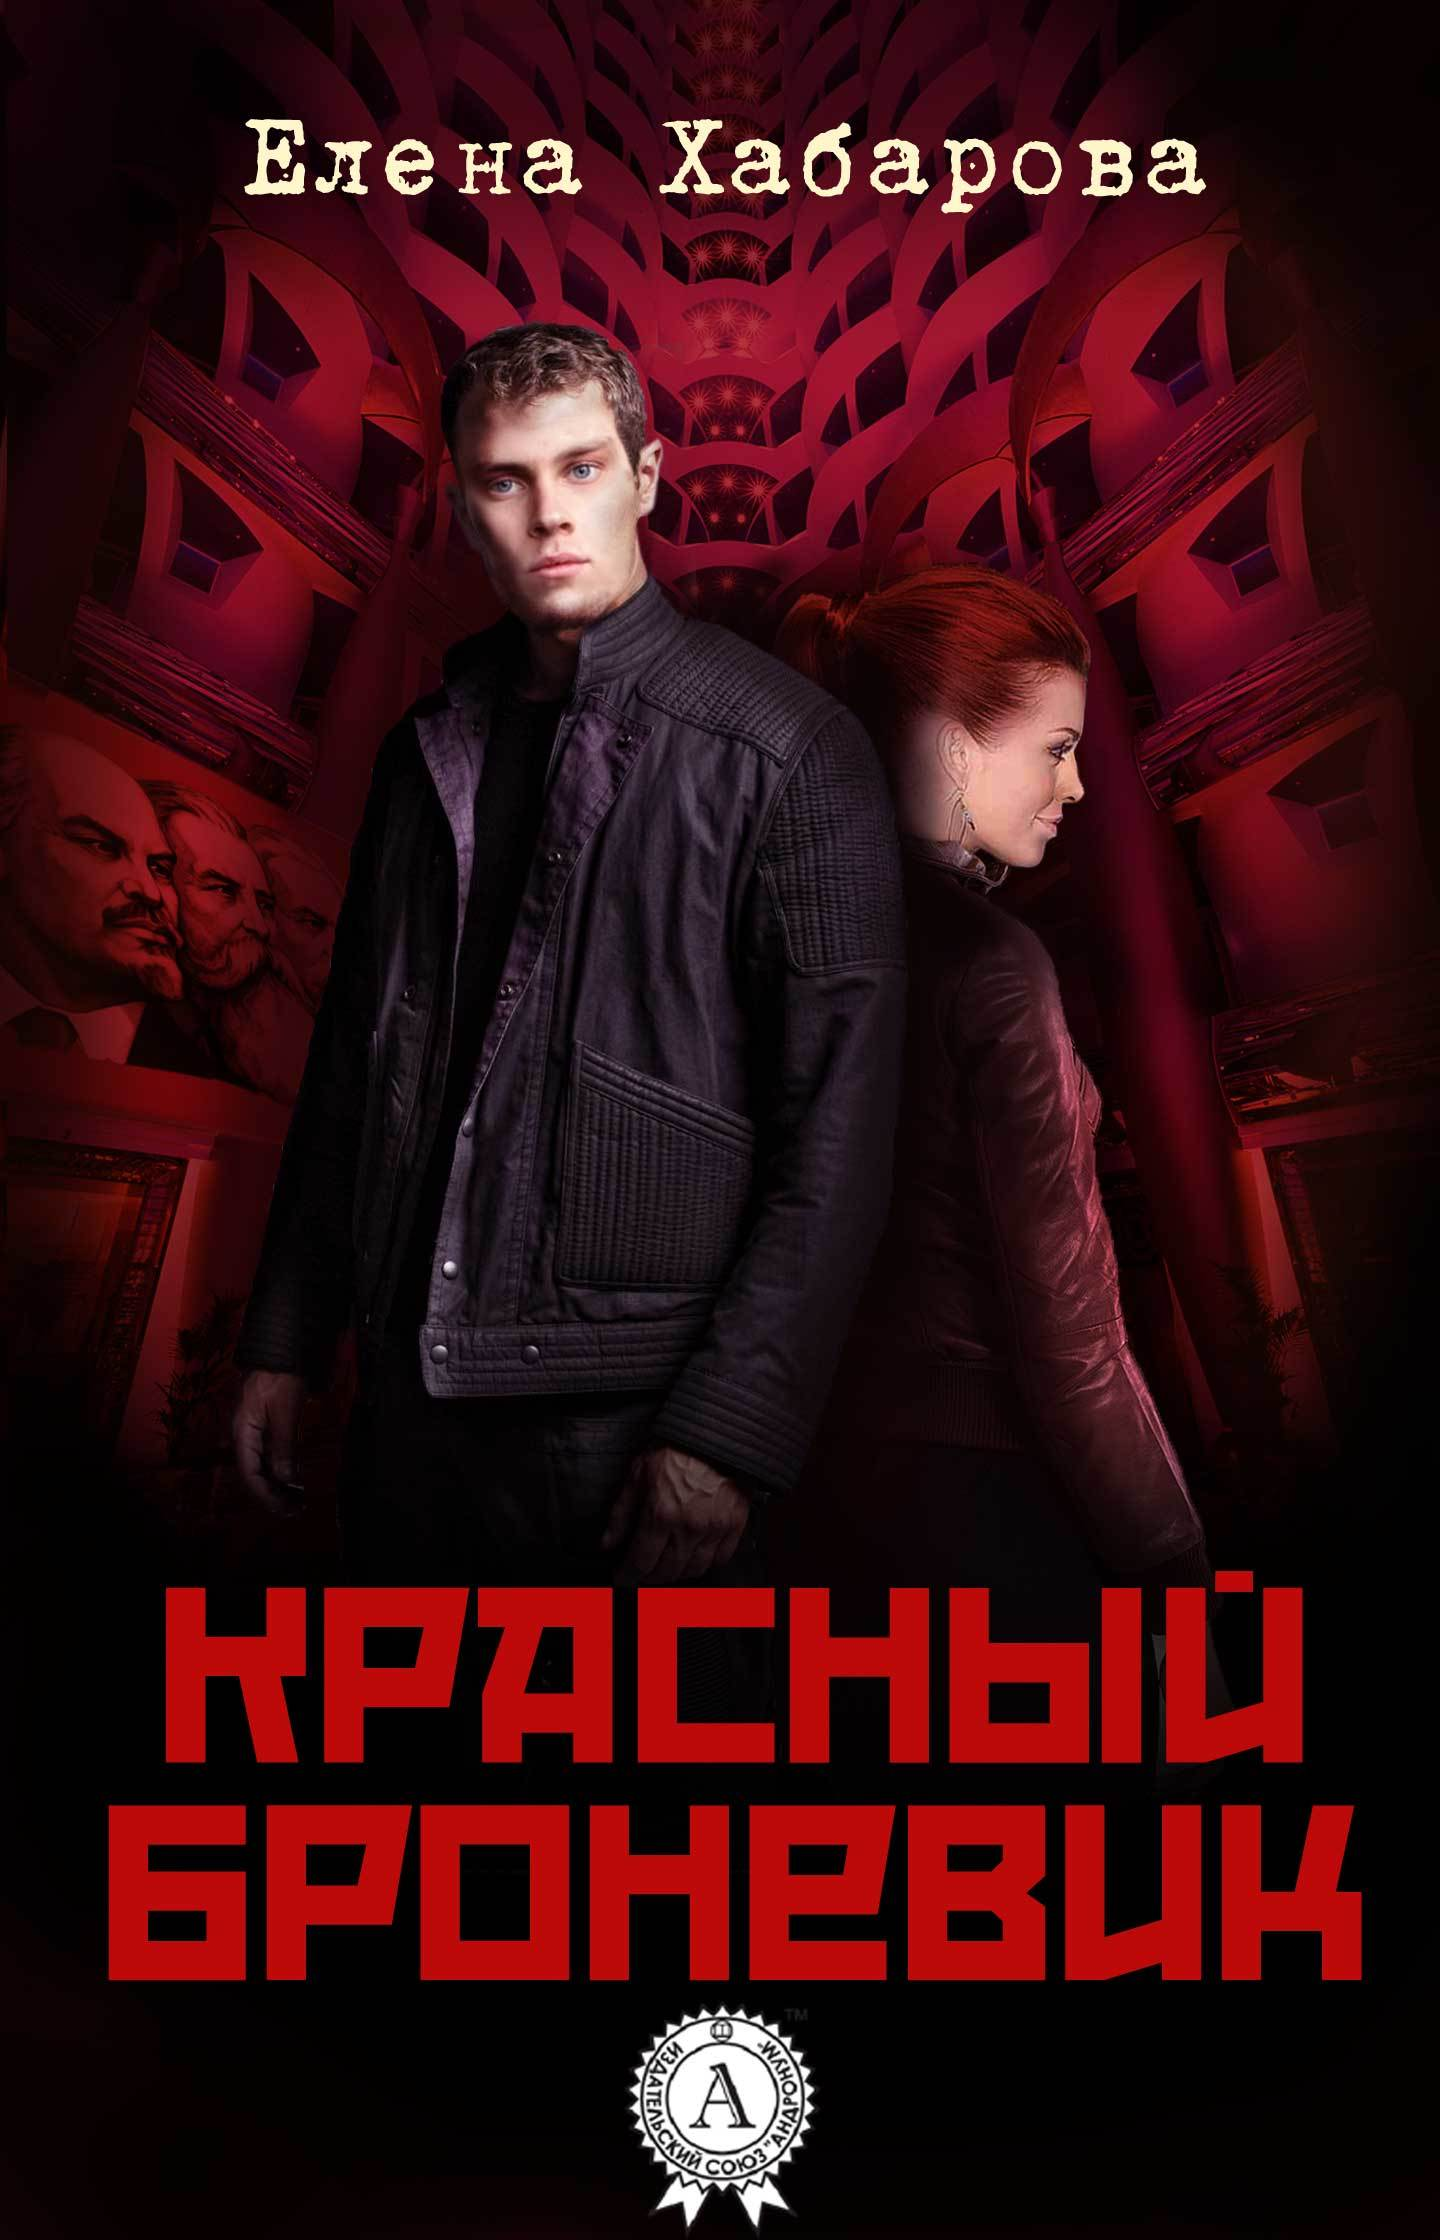 Елена Хабарова «Красный броневик»